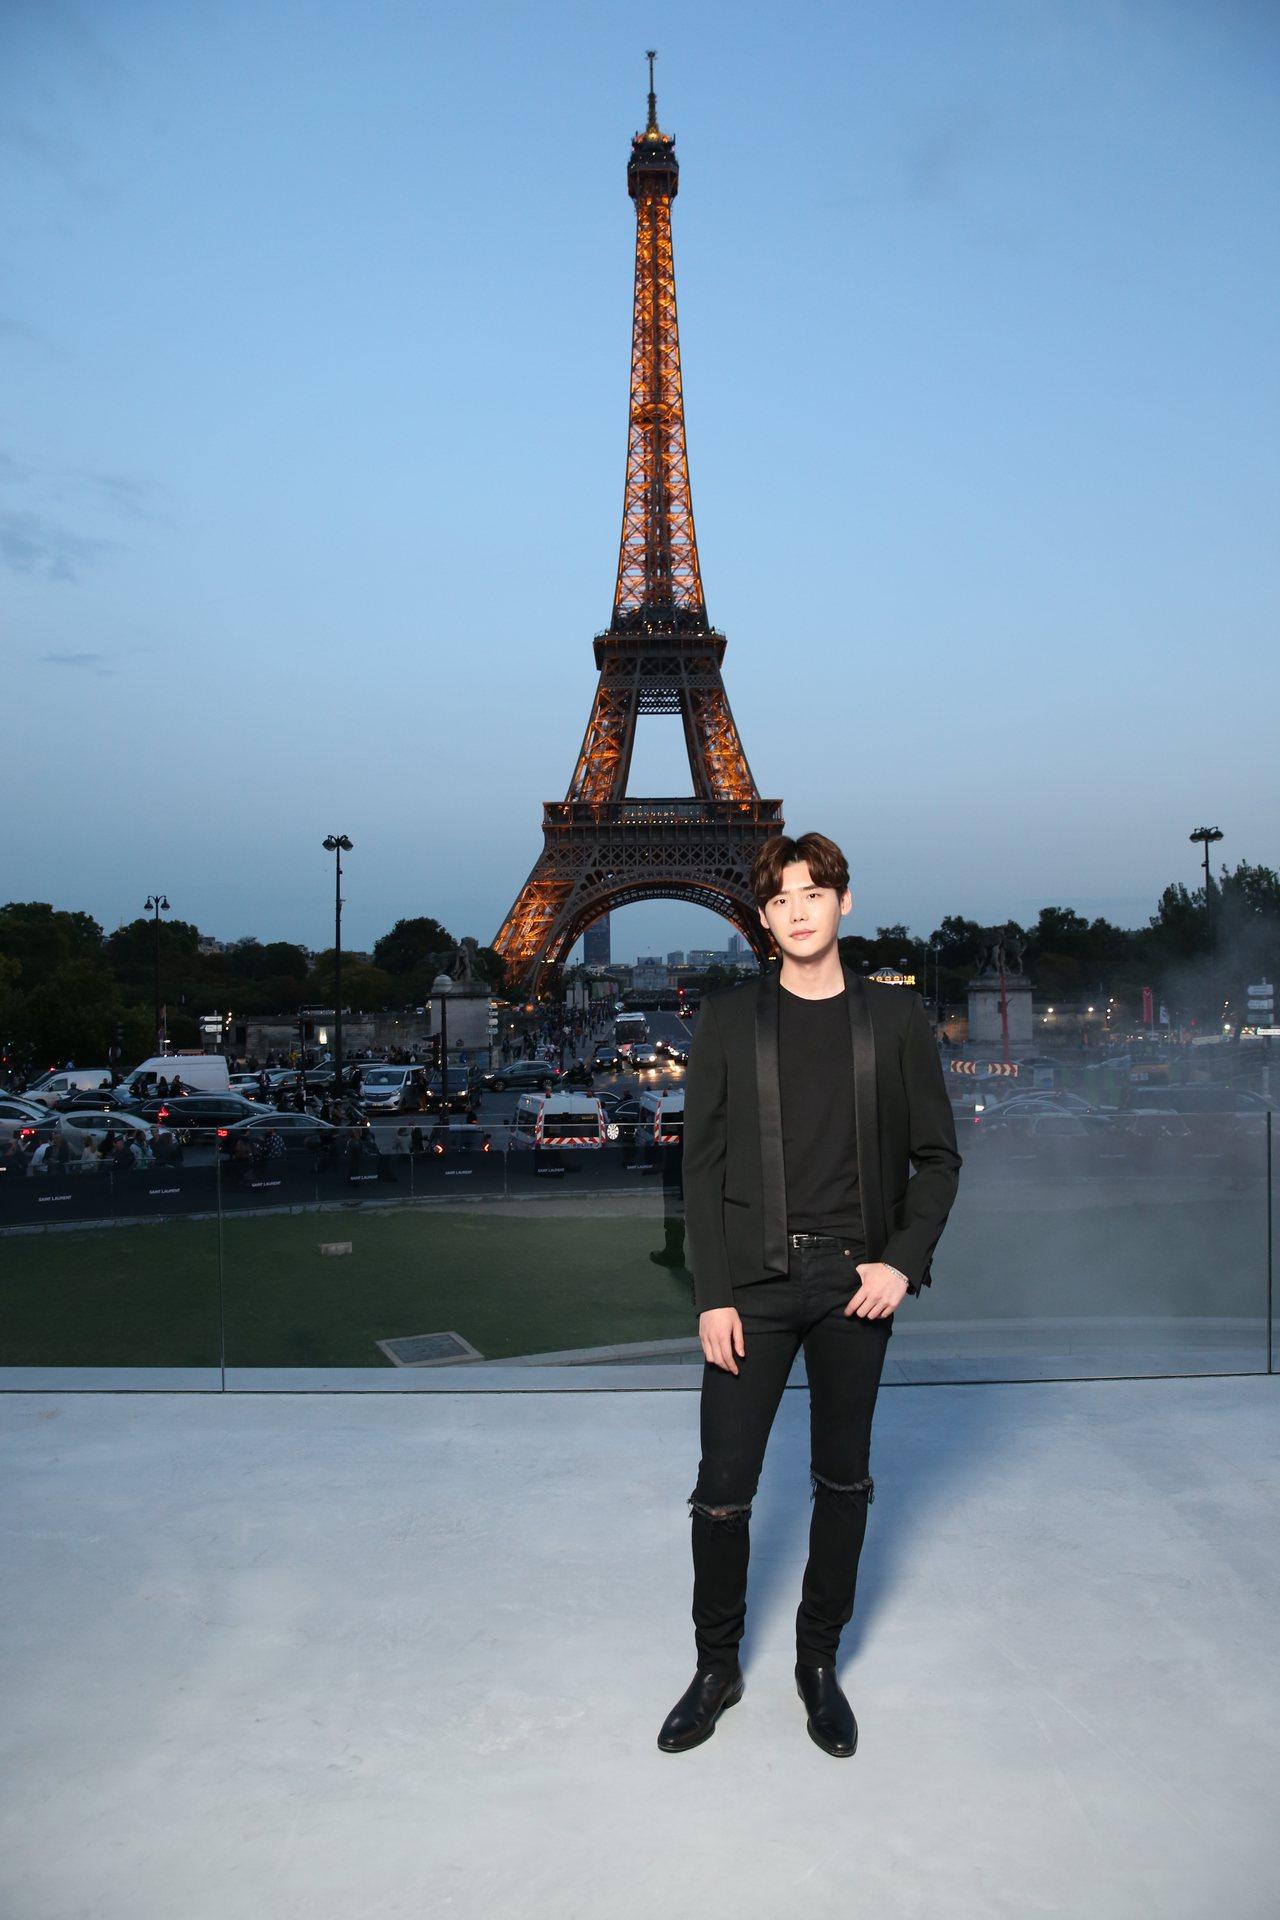 韓星李鐘碩出席聖羅蘭於巴黎鐵塔下舉辦的2018春夏服裝秀。圖/聖羅蘭提供